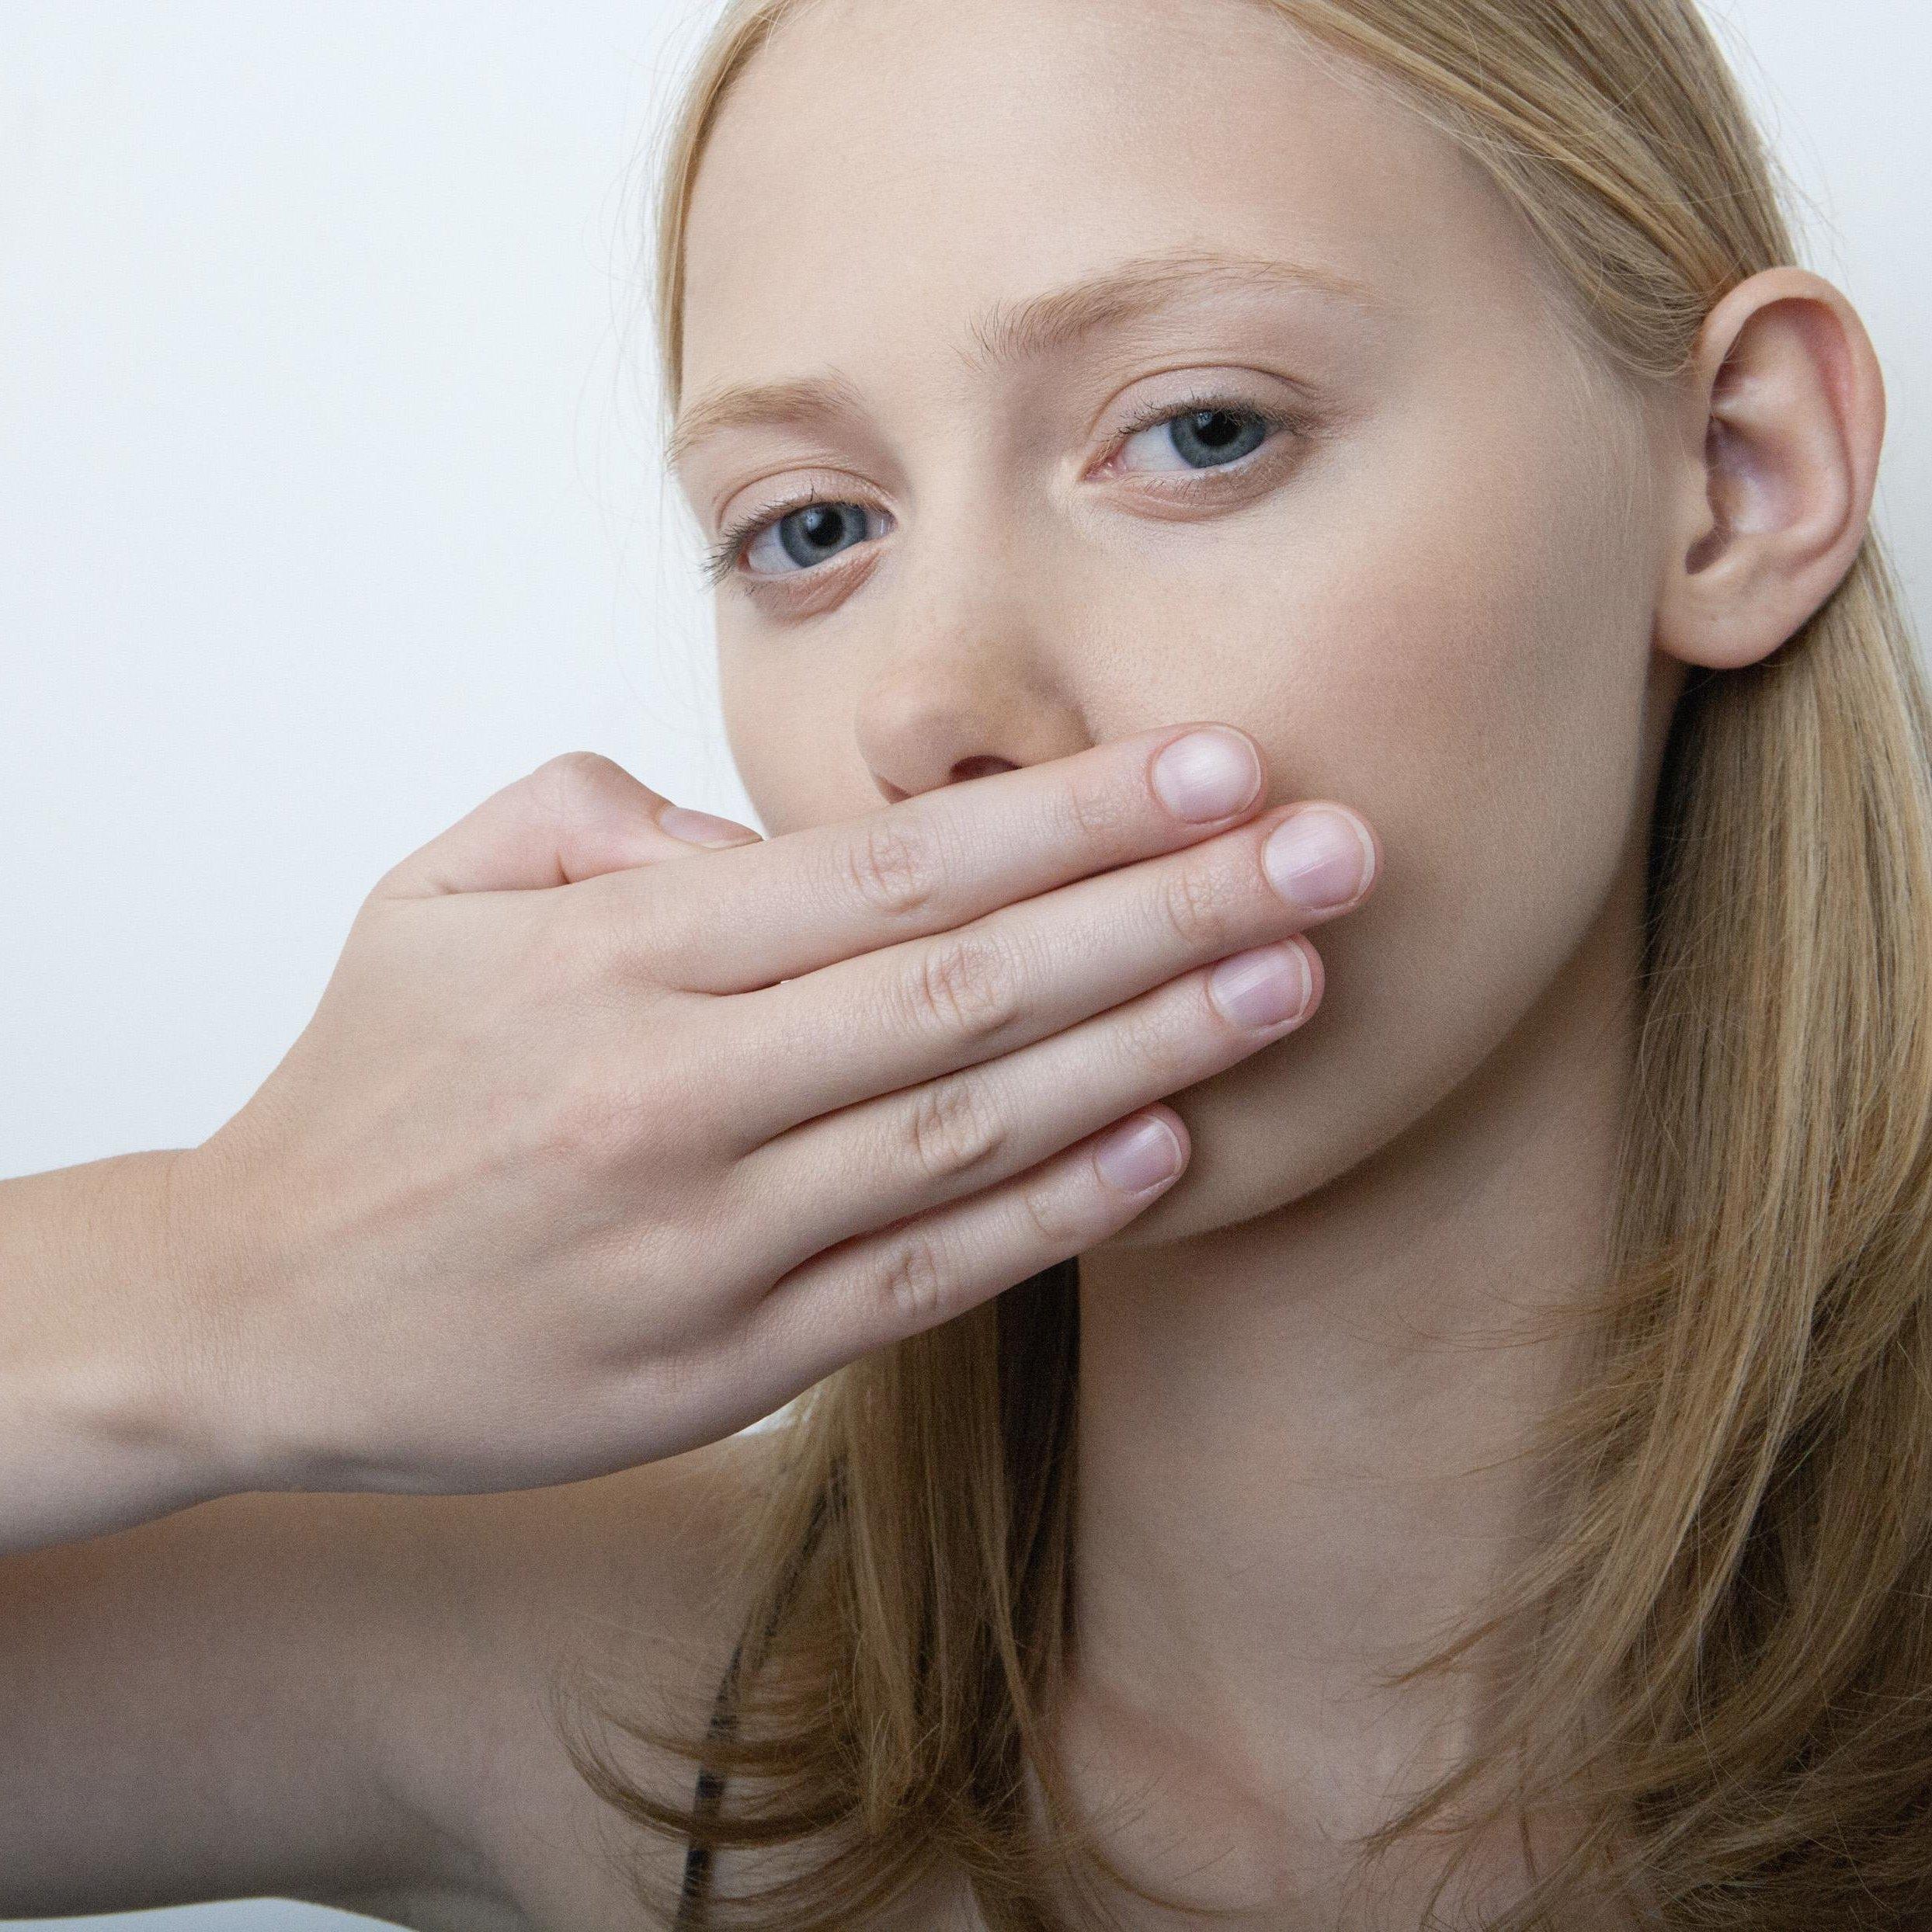 О чем предупреждает новый запах тела?